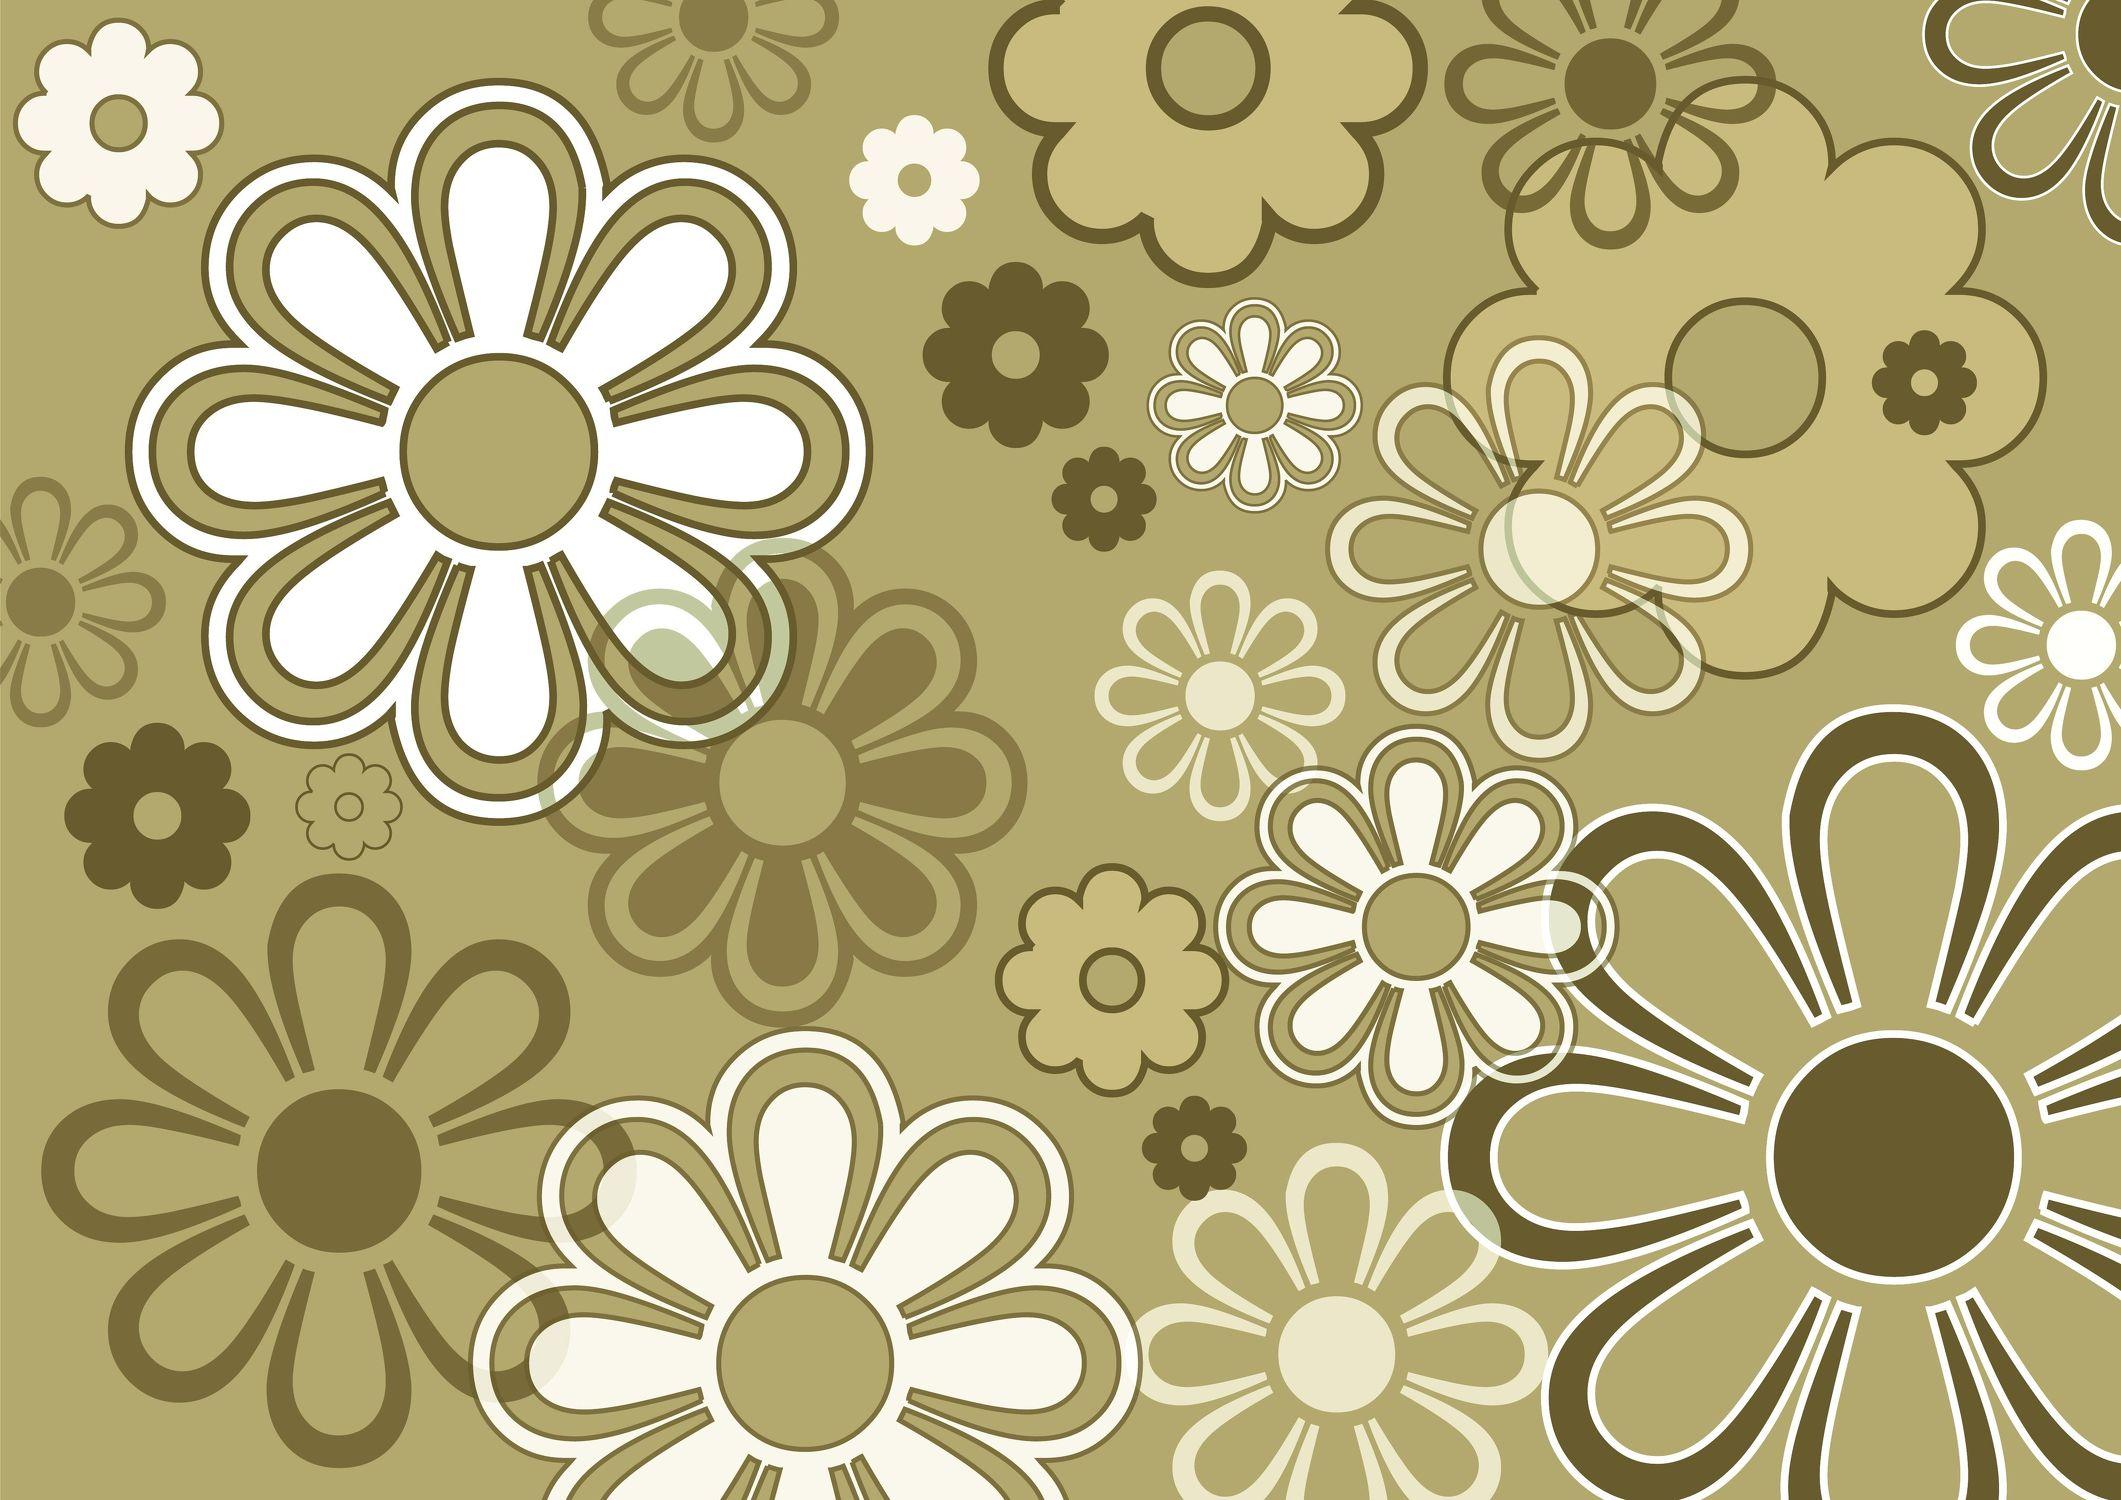 Bild mit Abstrakt, Abstrakte Kunst, Abstrakte Malerei, Retro, Retro, 70er, wandtapete, fototapete, Blumenmotiv